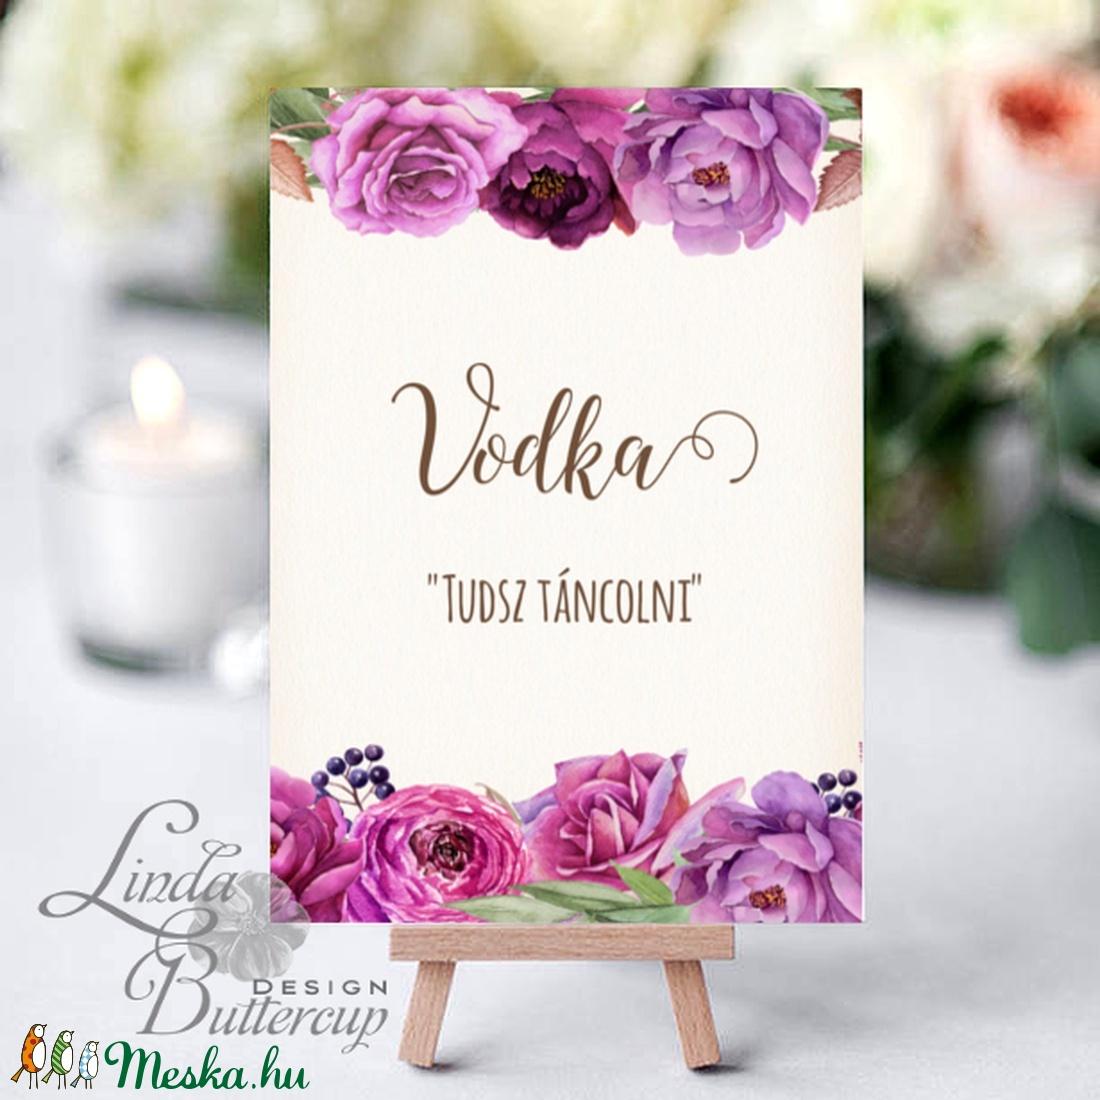 Vicces Felirat Esküvőre, Itallap, Vodka, Dekoráció, kellék, Tudsz táncolni, alkohol, Dekor, Esküvői kártya, desszert lap (LindaButtercup) - Meska.hu